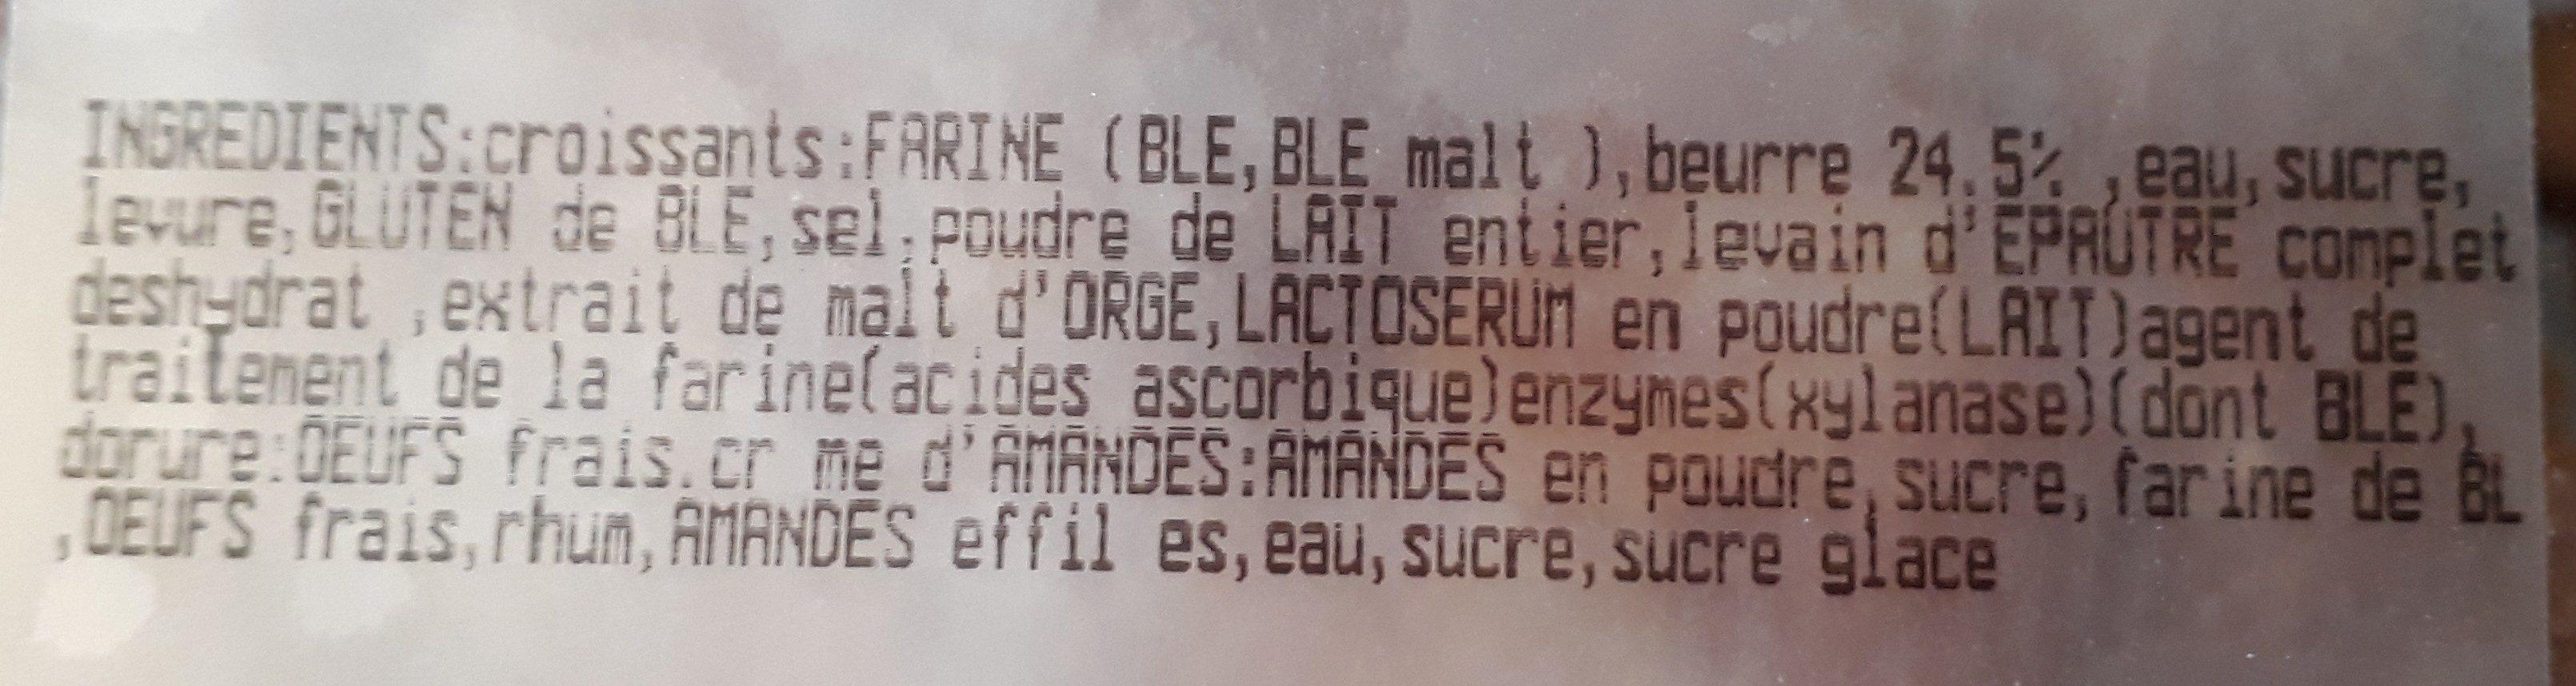 Croissants amandes - Ingrédients - fr